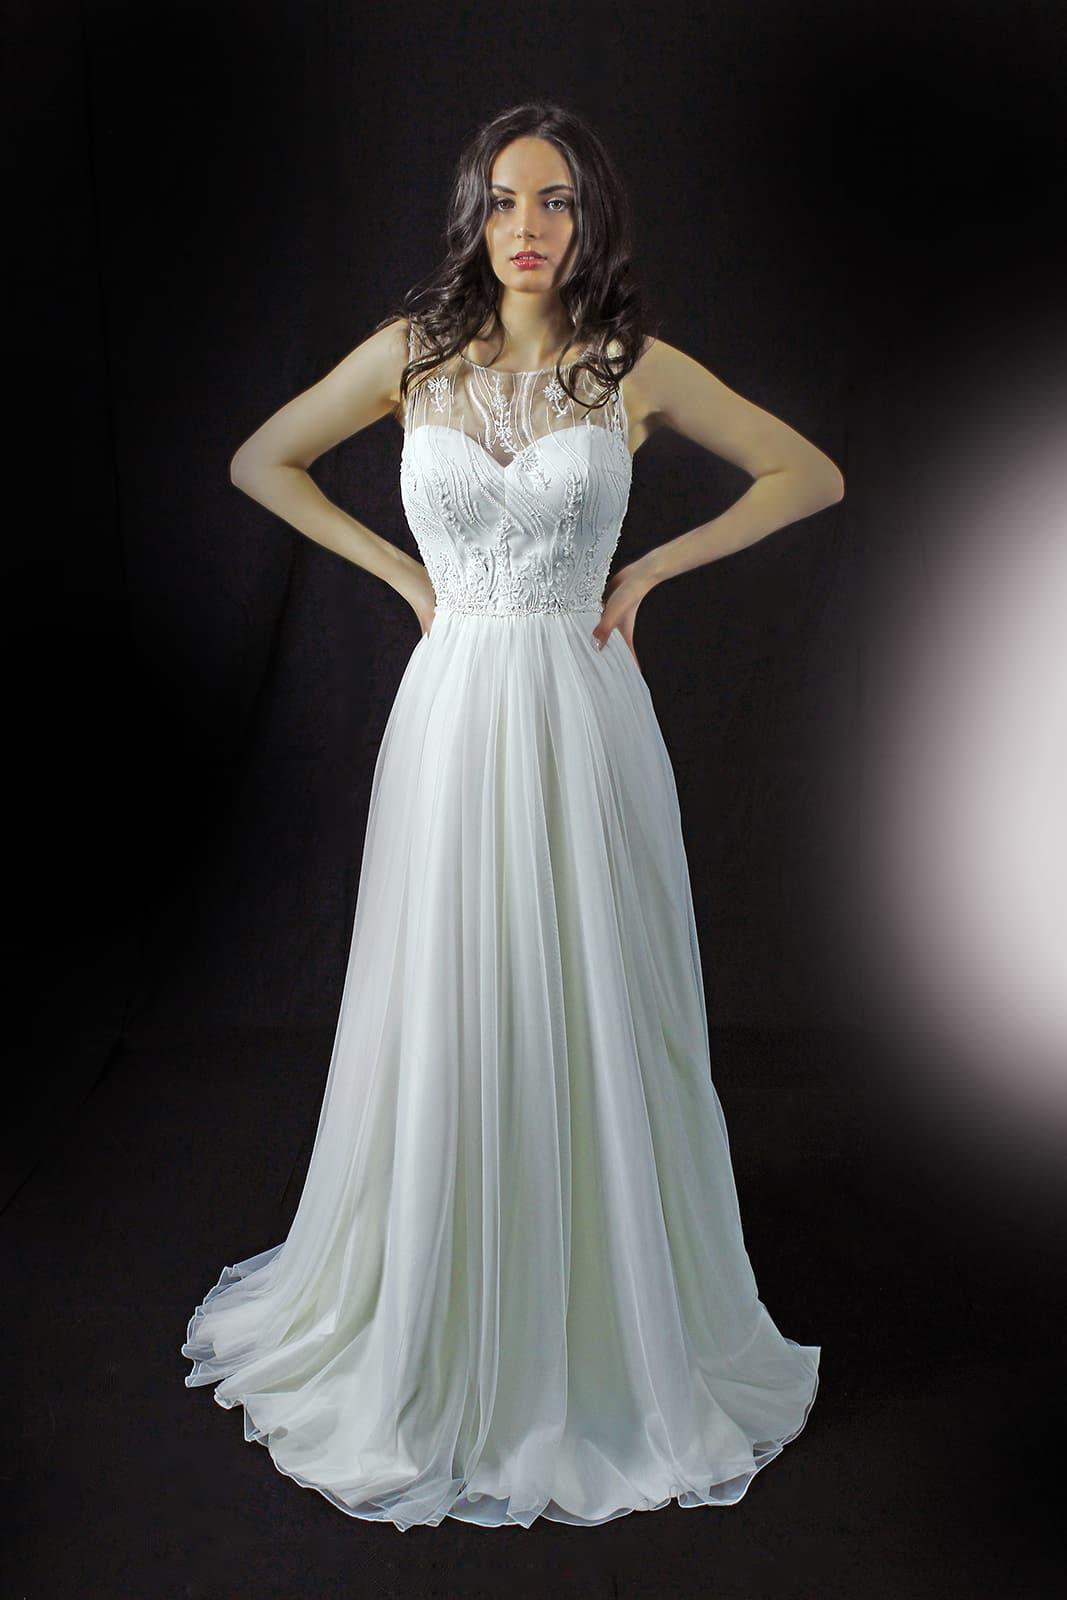 Rochie de mireasa Placida Model - Colectia Dreams - Adora Sposa